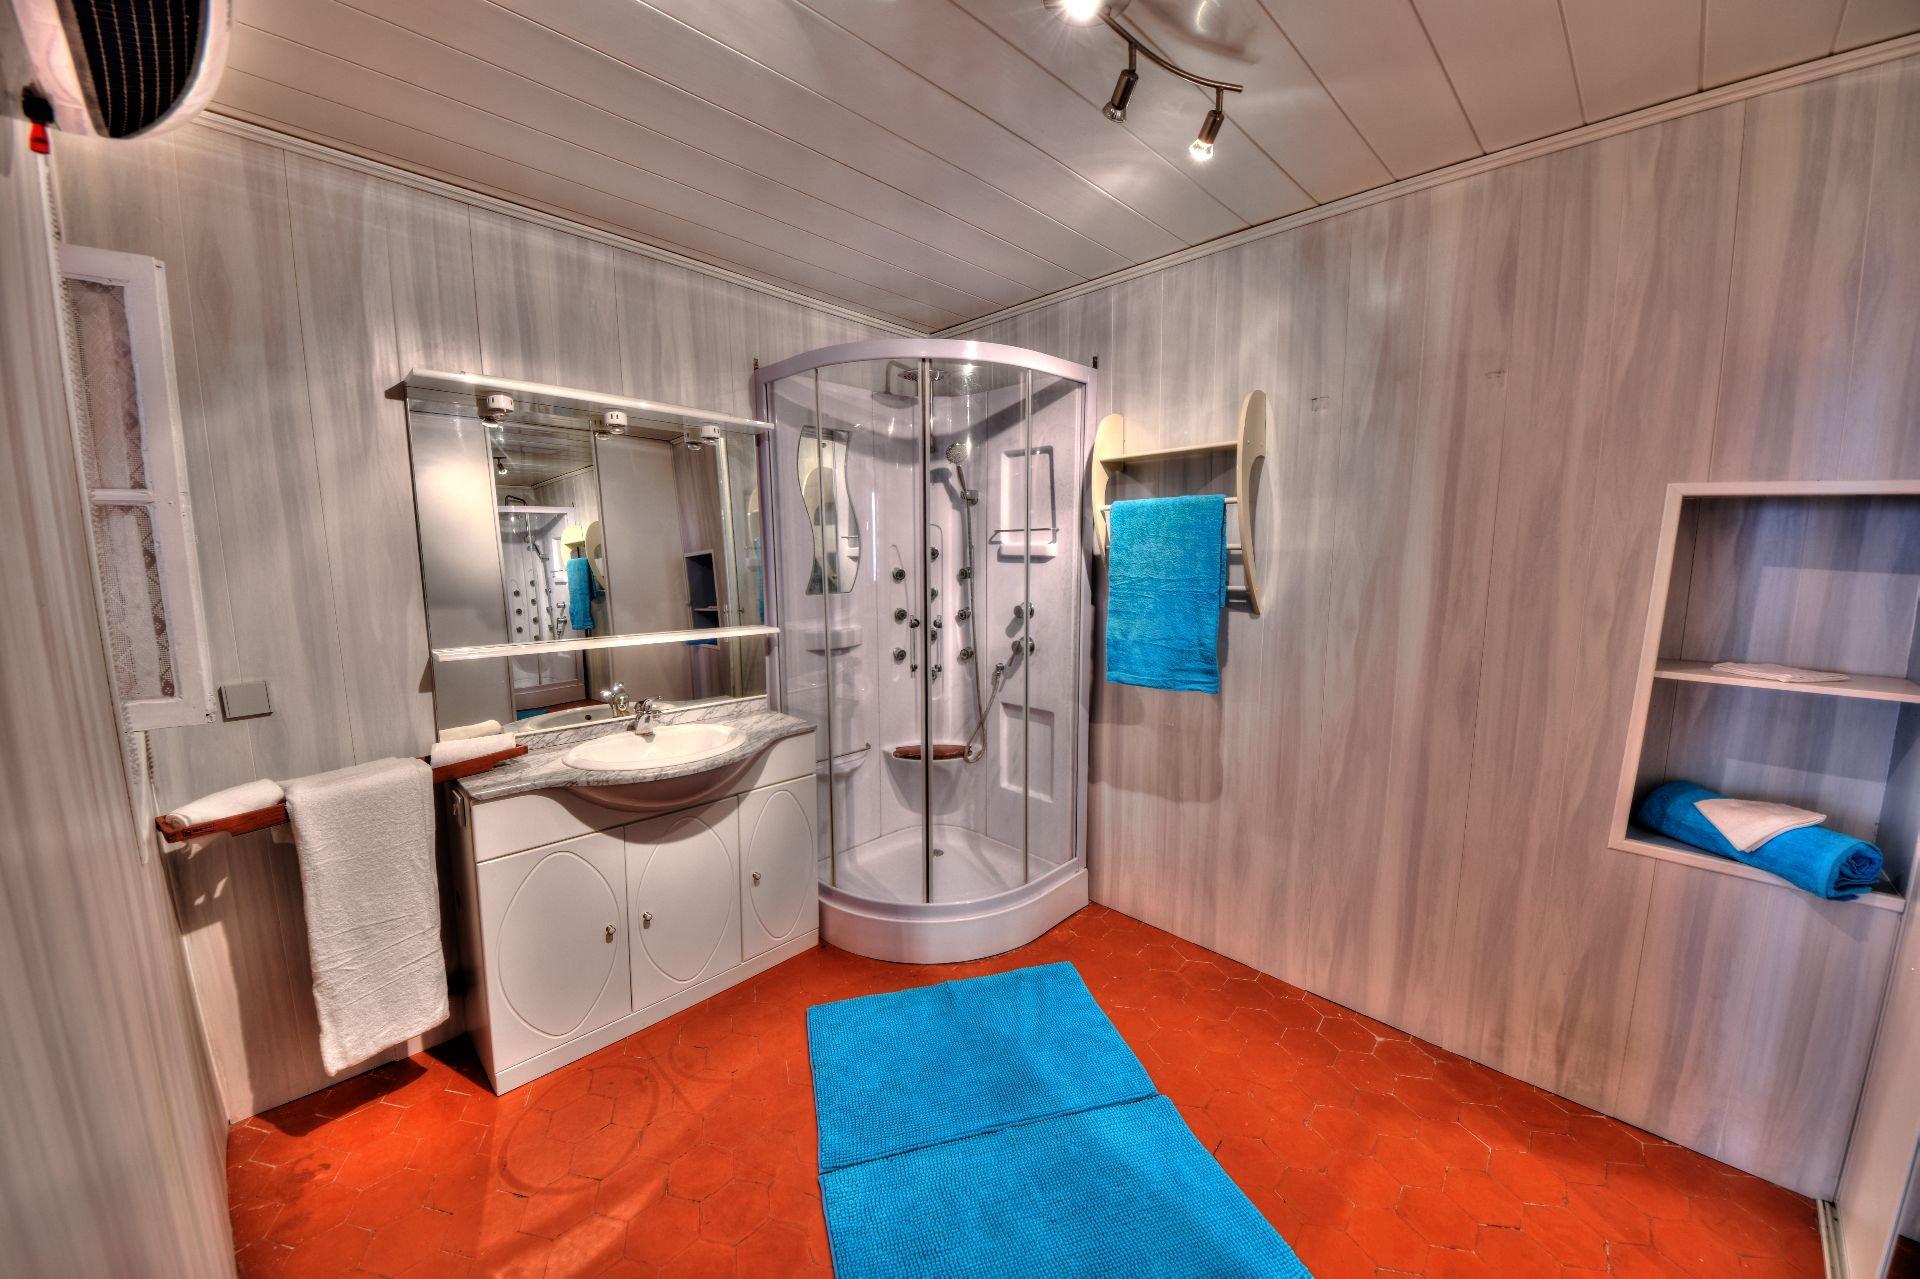 Salle de bains de la maison de village 3 chambres, Var, Provence, Verdon